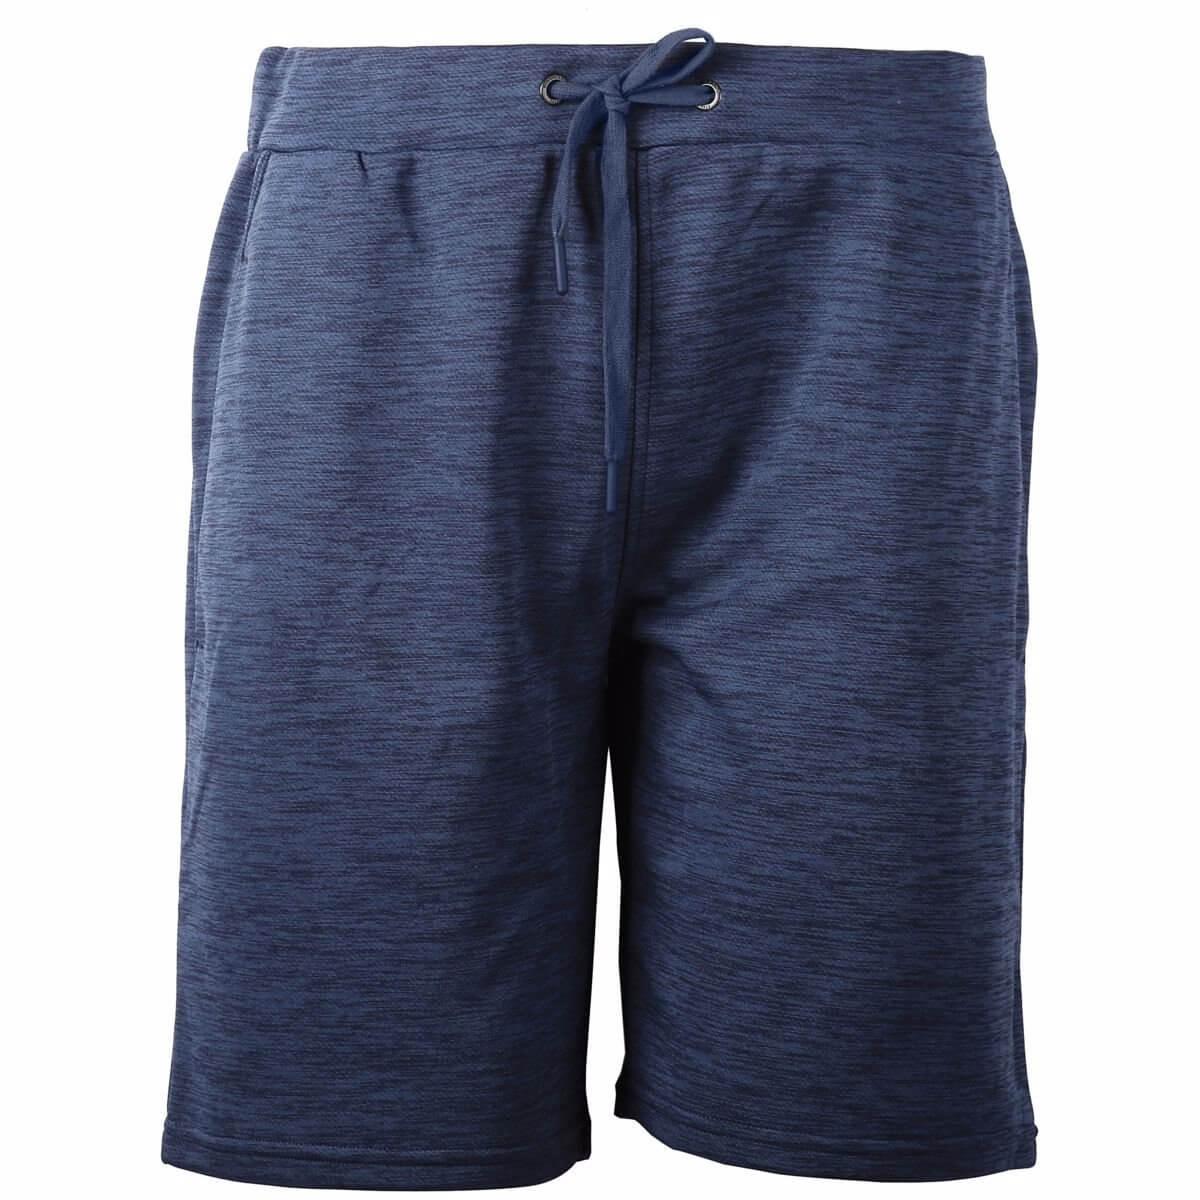 ce2ab53589b3 Didriksons Šortky BALDER pánske tmavo modrá - pánske nohavice ...